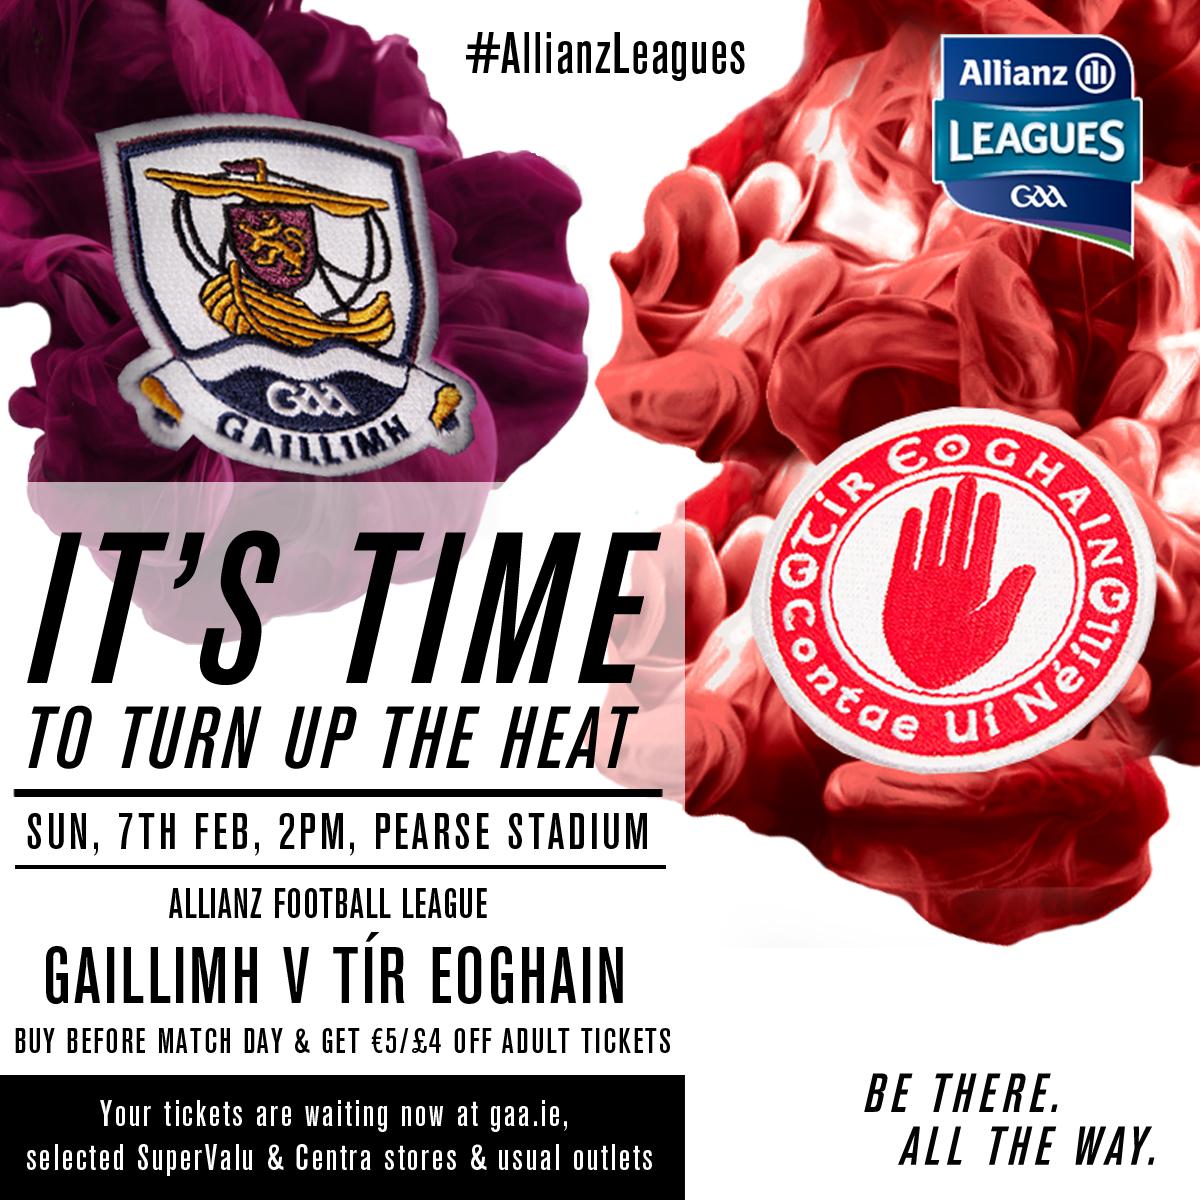 Tyrone Team v Galway Allianz Football League 7th Feb 2016